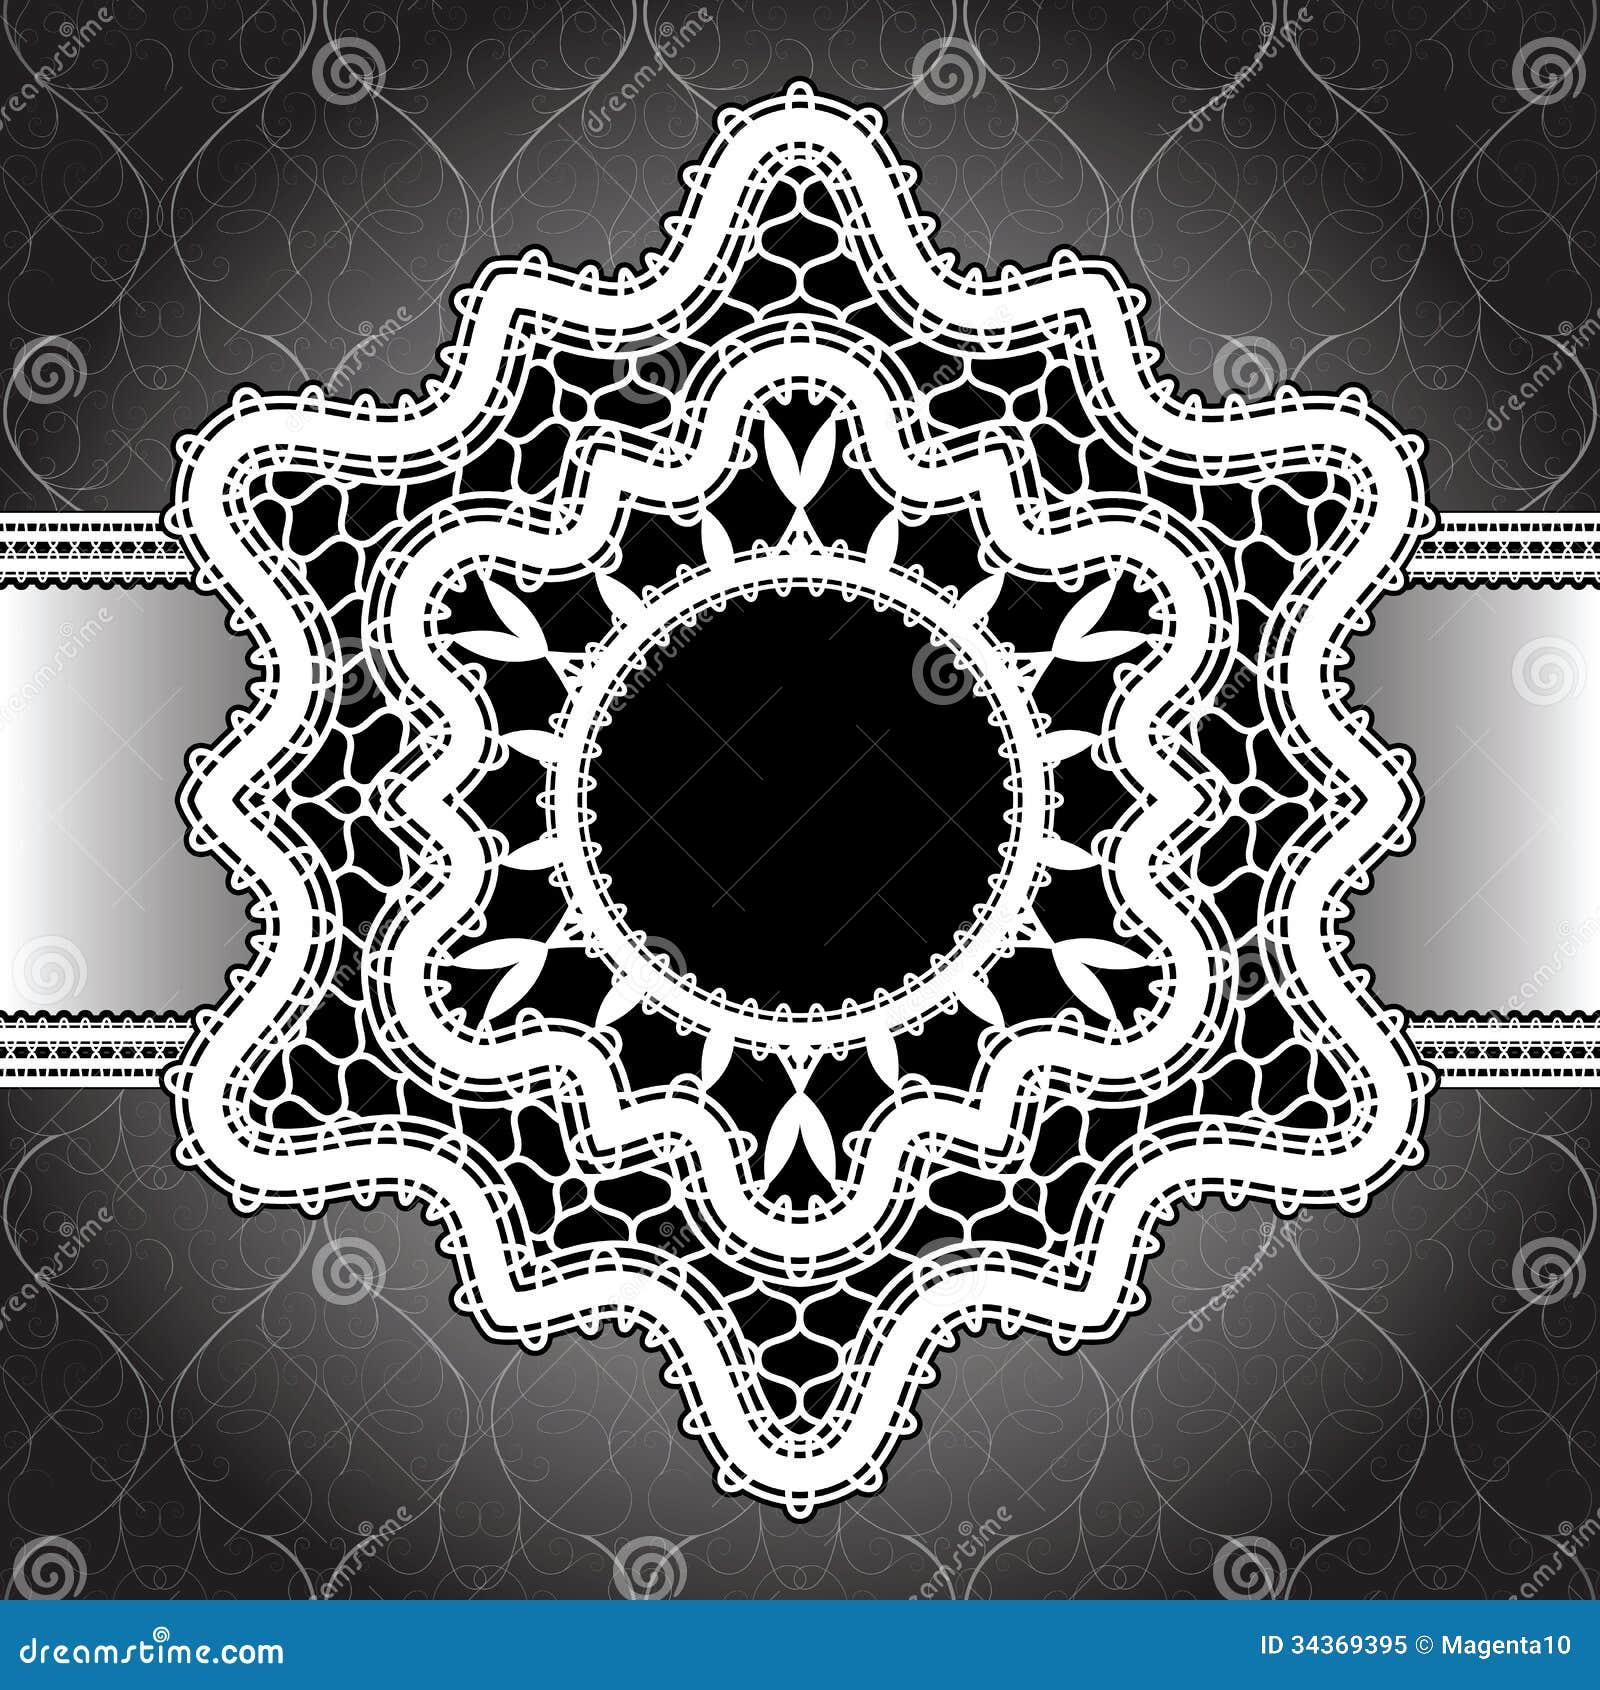 White Lace Background Royalty Free Stock Photo Image